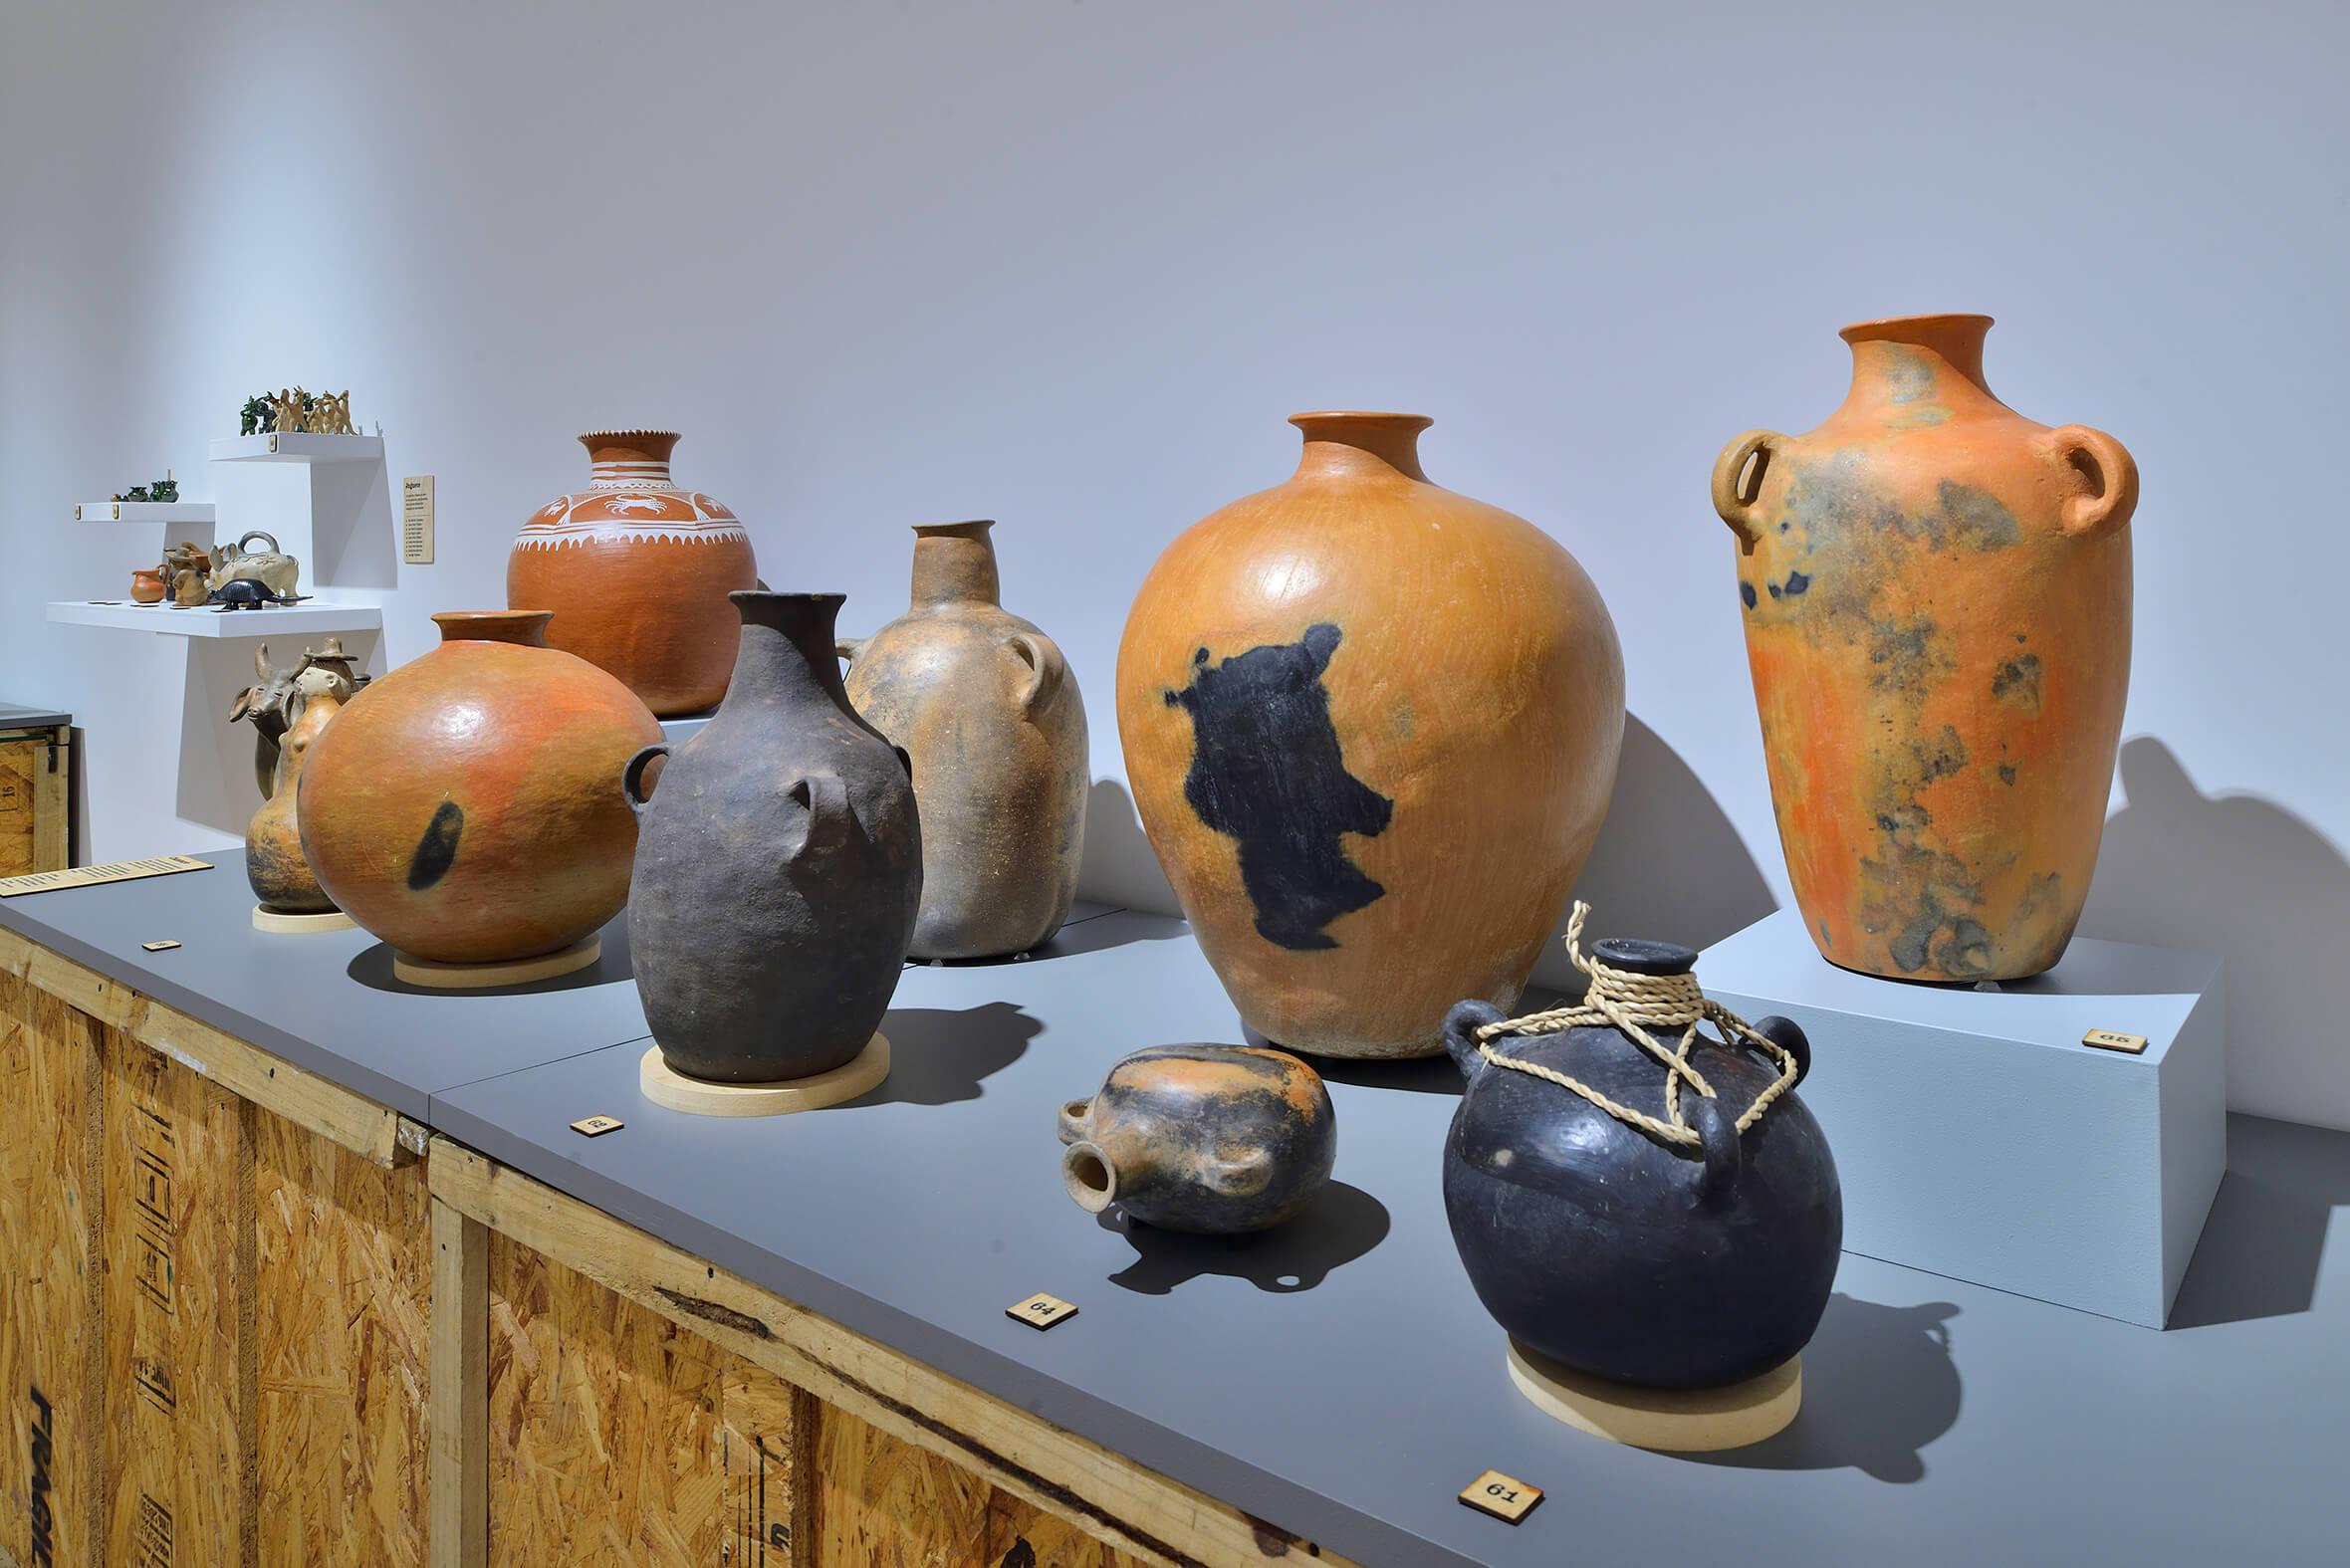 Tinajas | Barro y Fuego. El arte de la alfarería en Oaxaca | Museo Amparo, Puebla